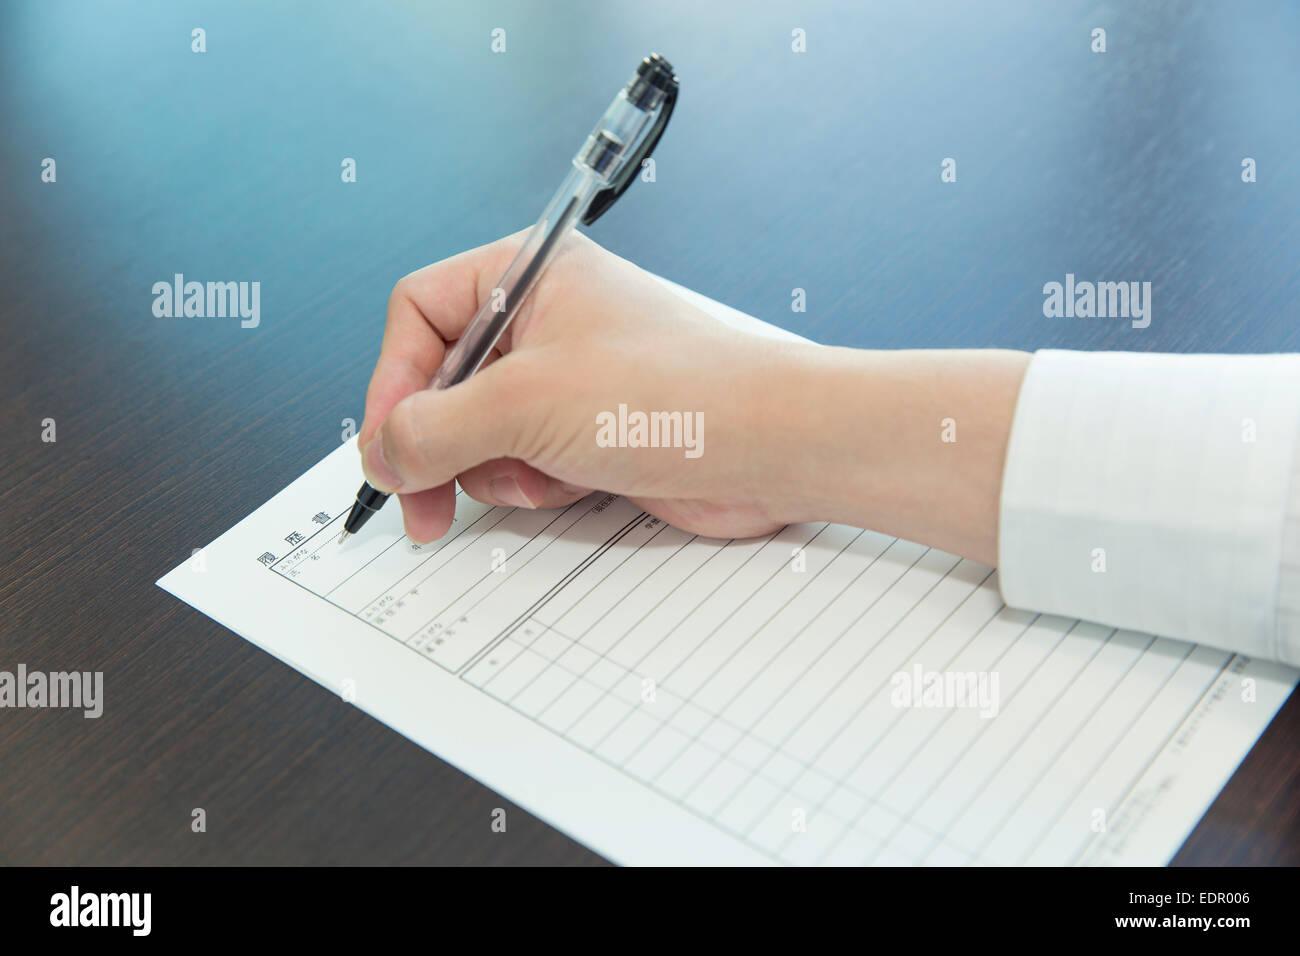 Mujer con un lápiz a mano Rellenar solicitud de trabajo Imagen De Stock